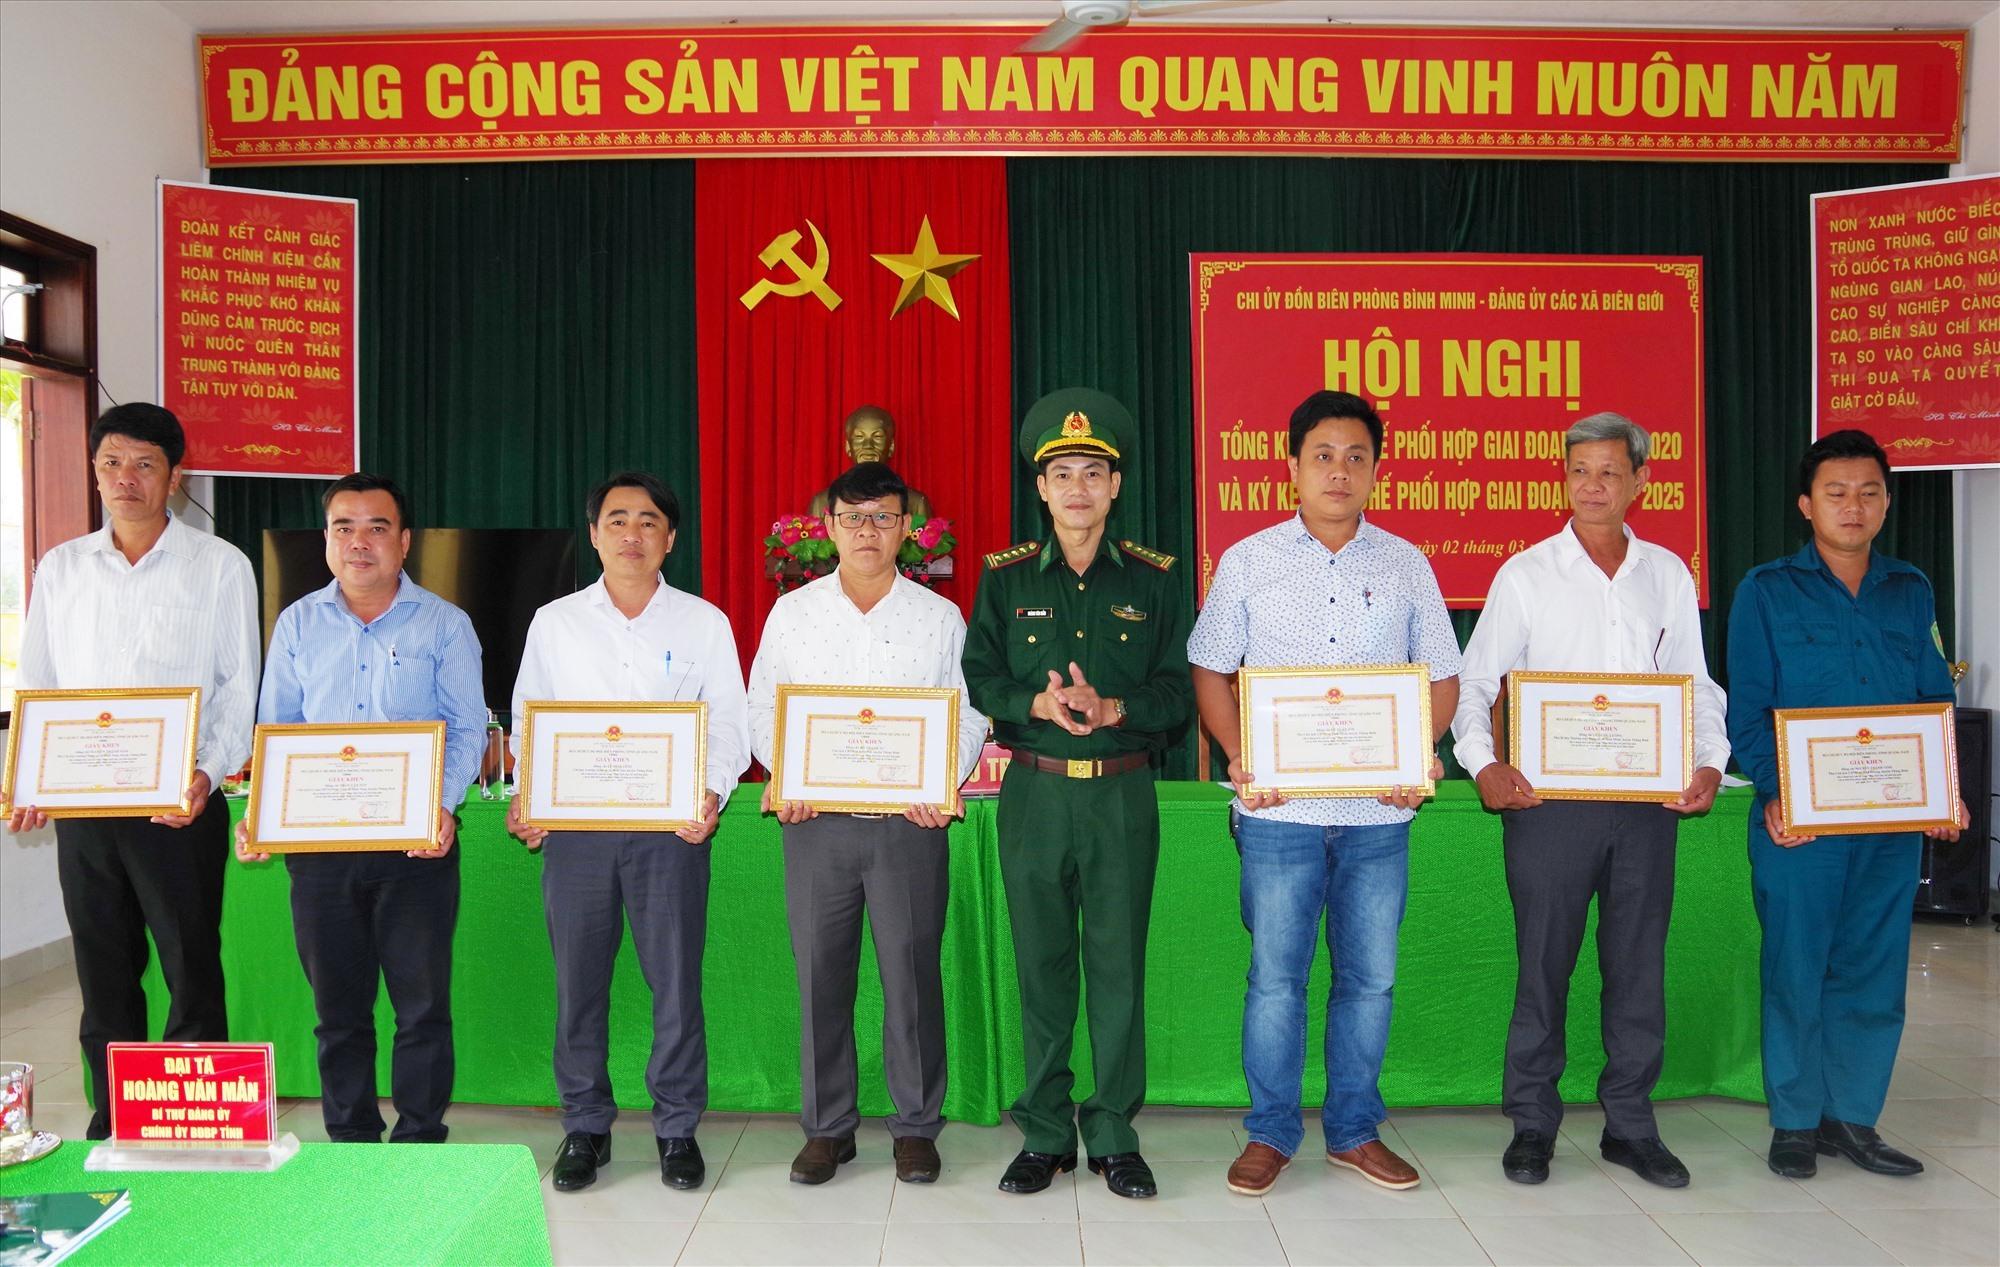 Đại tá Hoàng Văn Mẫn - Bí thư Đảng ủy, Chính ủy BĐBP tỉnh tặng giấy khen cho các tập thể, cá nhân đã có thành tích trong thực hiện quy chế phối hợp. Ảnh: HỒNG ANH